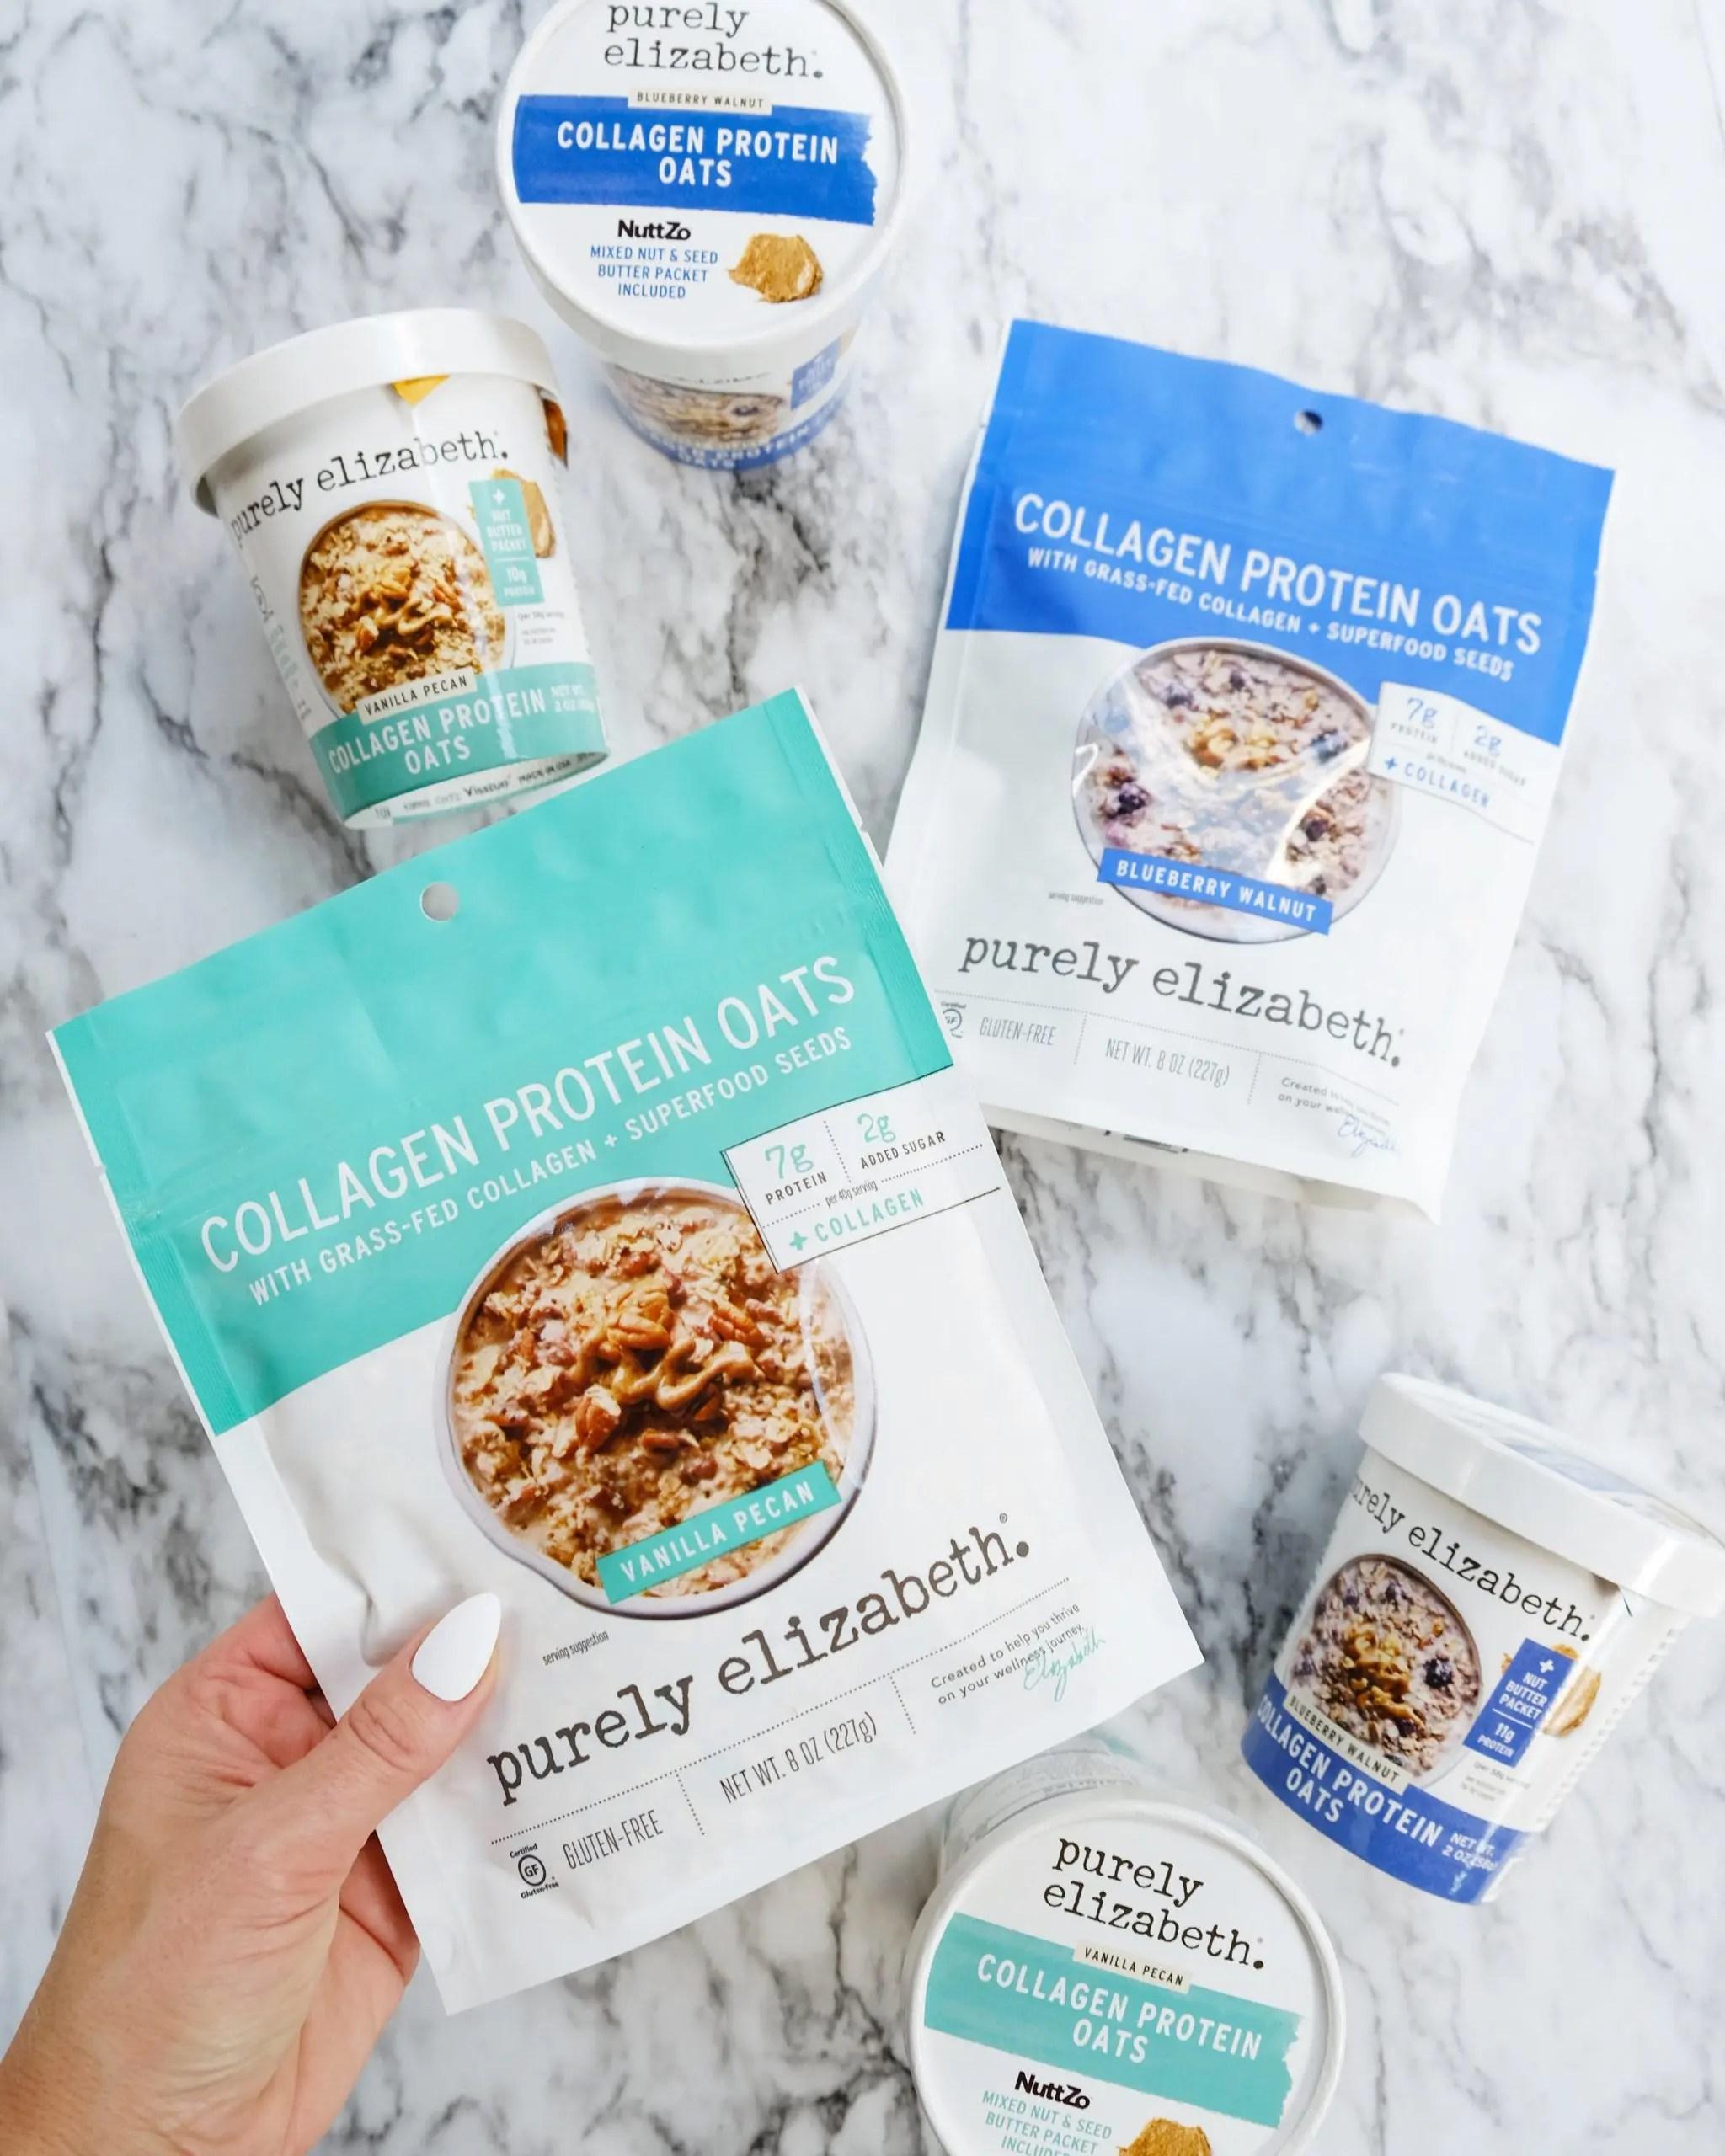 Purely Elizabeth Collagen Protein Oats at Walmart